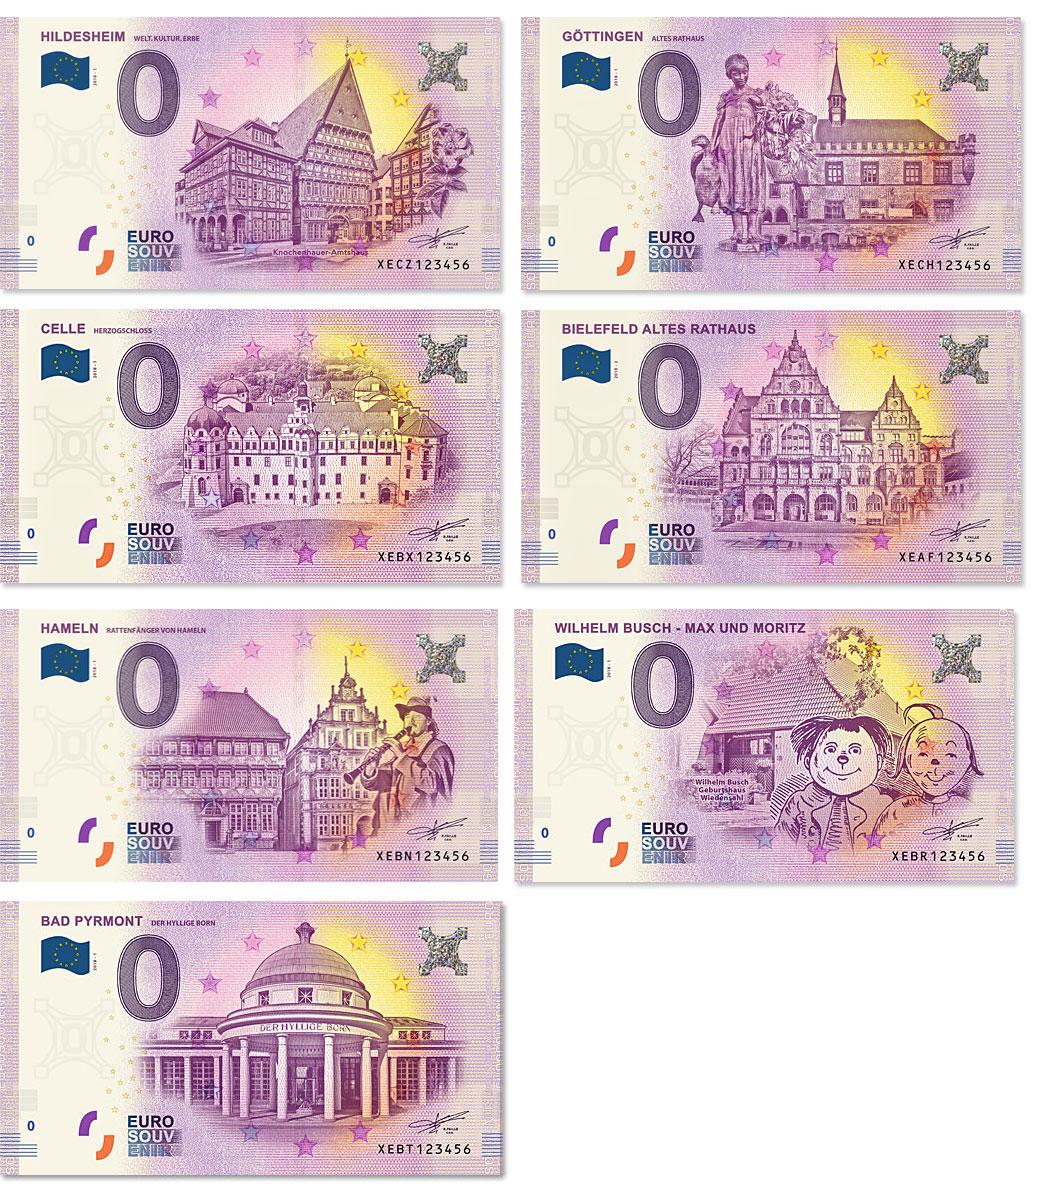 0-Euro-Schein Hildesheim, Goettingen, Celle, Bielefeld, Bad Pyrmont, Max und Moritz, Hameln